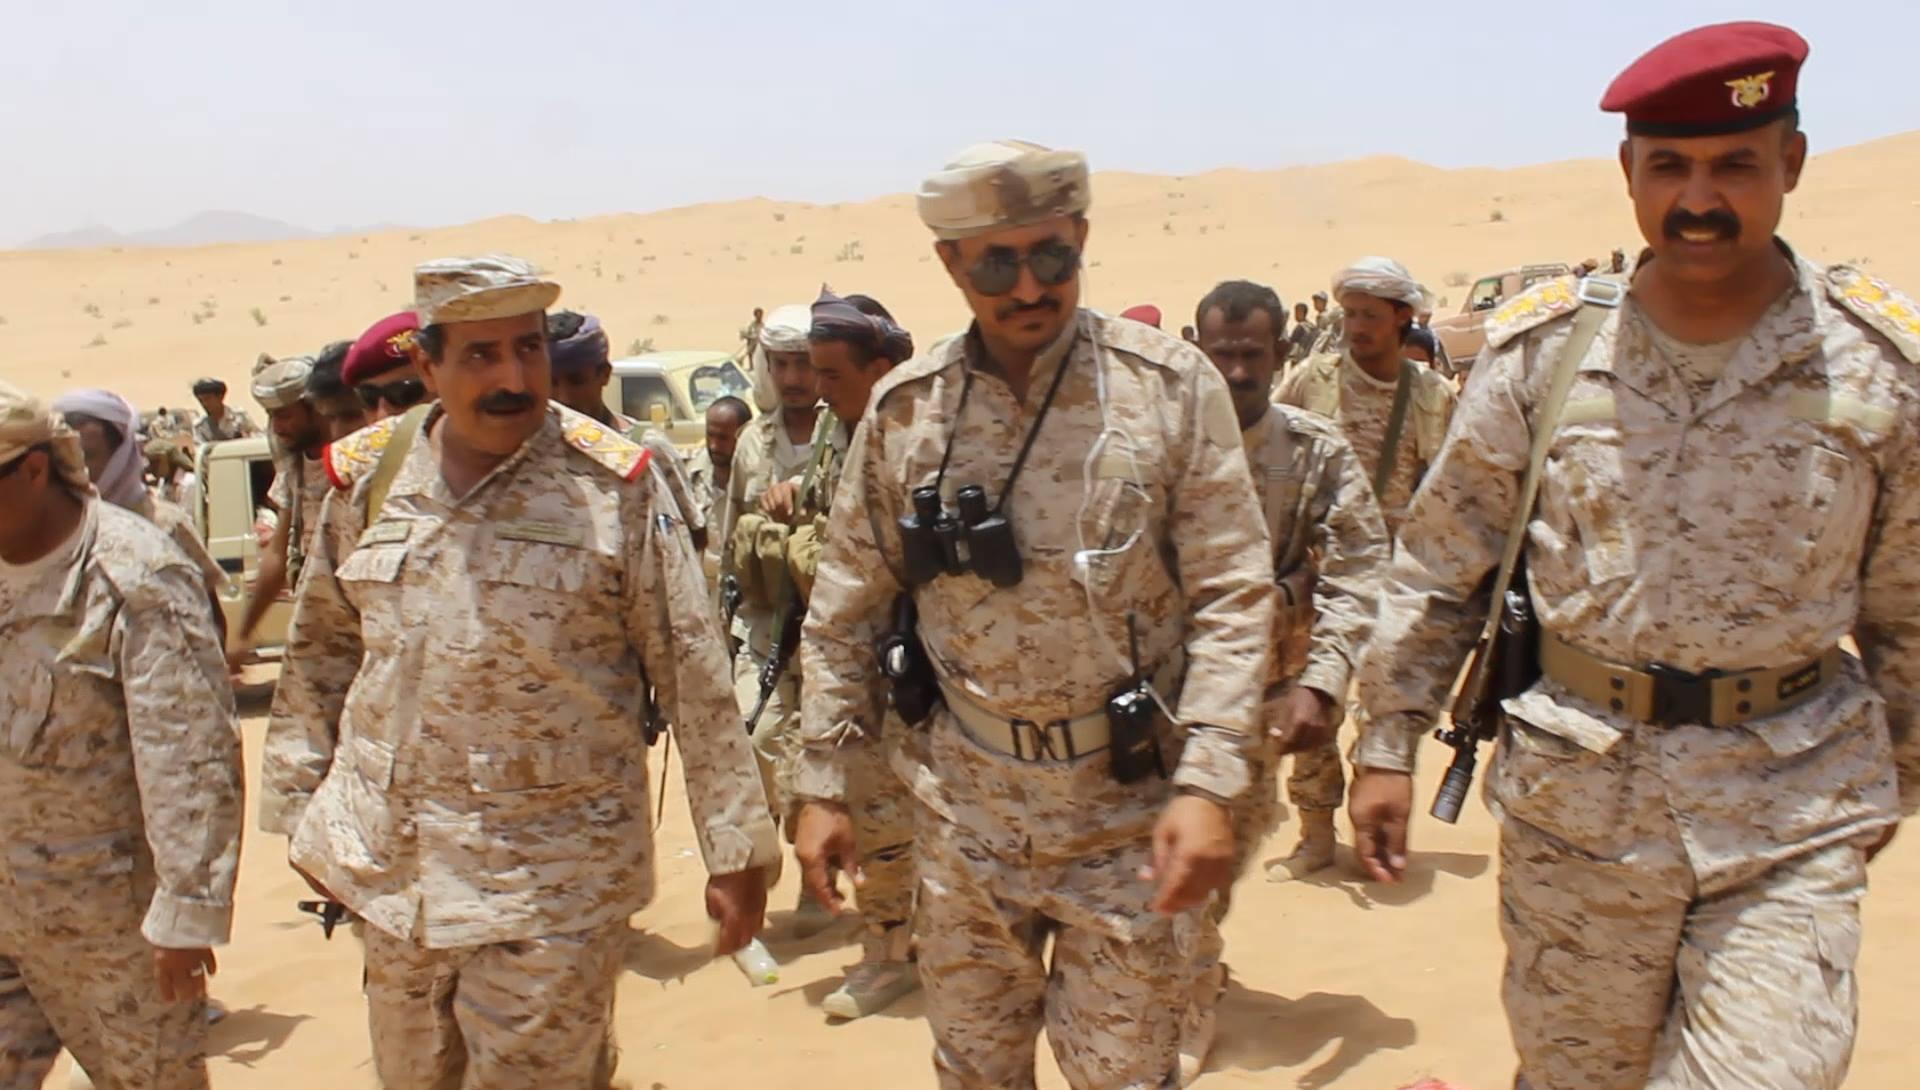 نائب رئيس الأركان يتفقد جبهات القتال في منطقة الصفراء بمحافظة شبوة